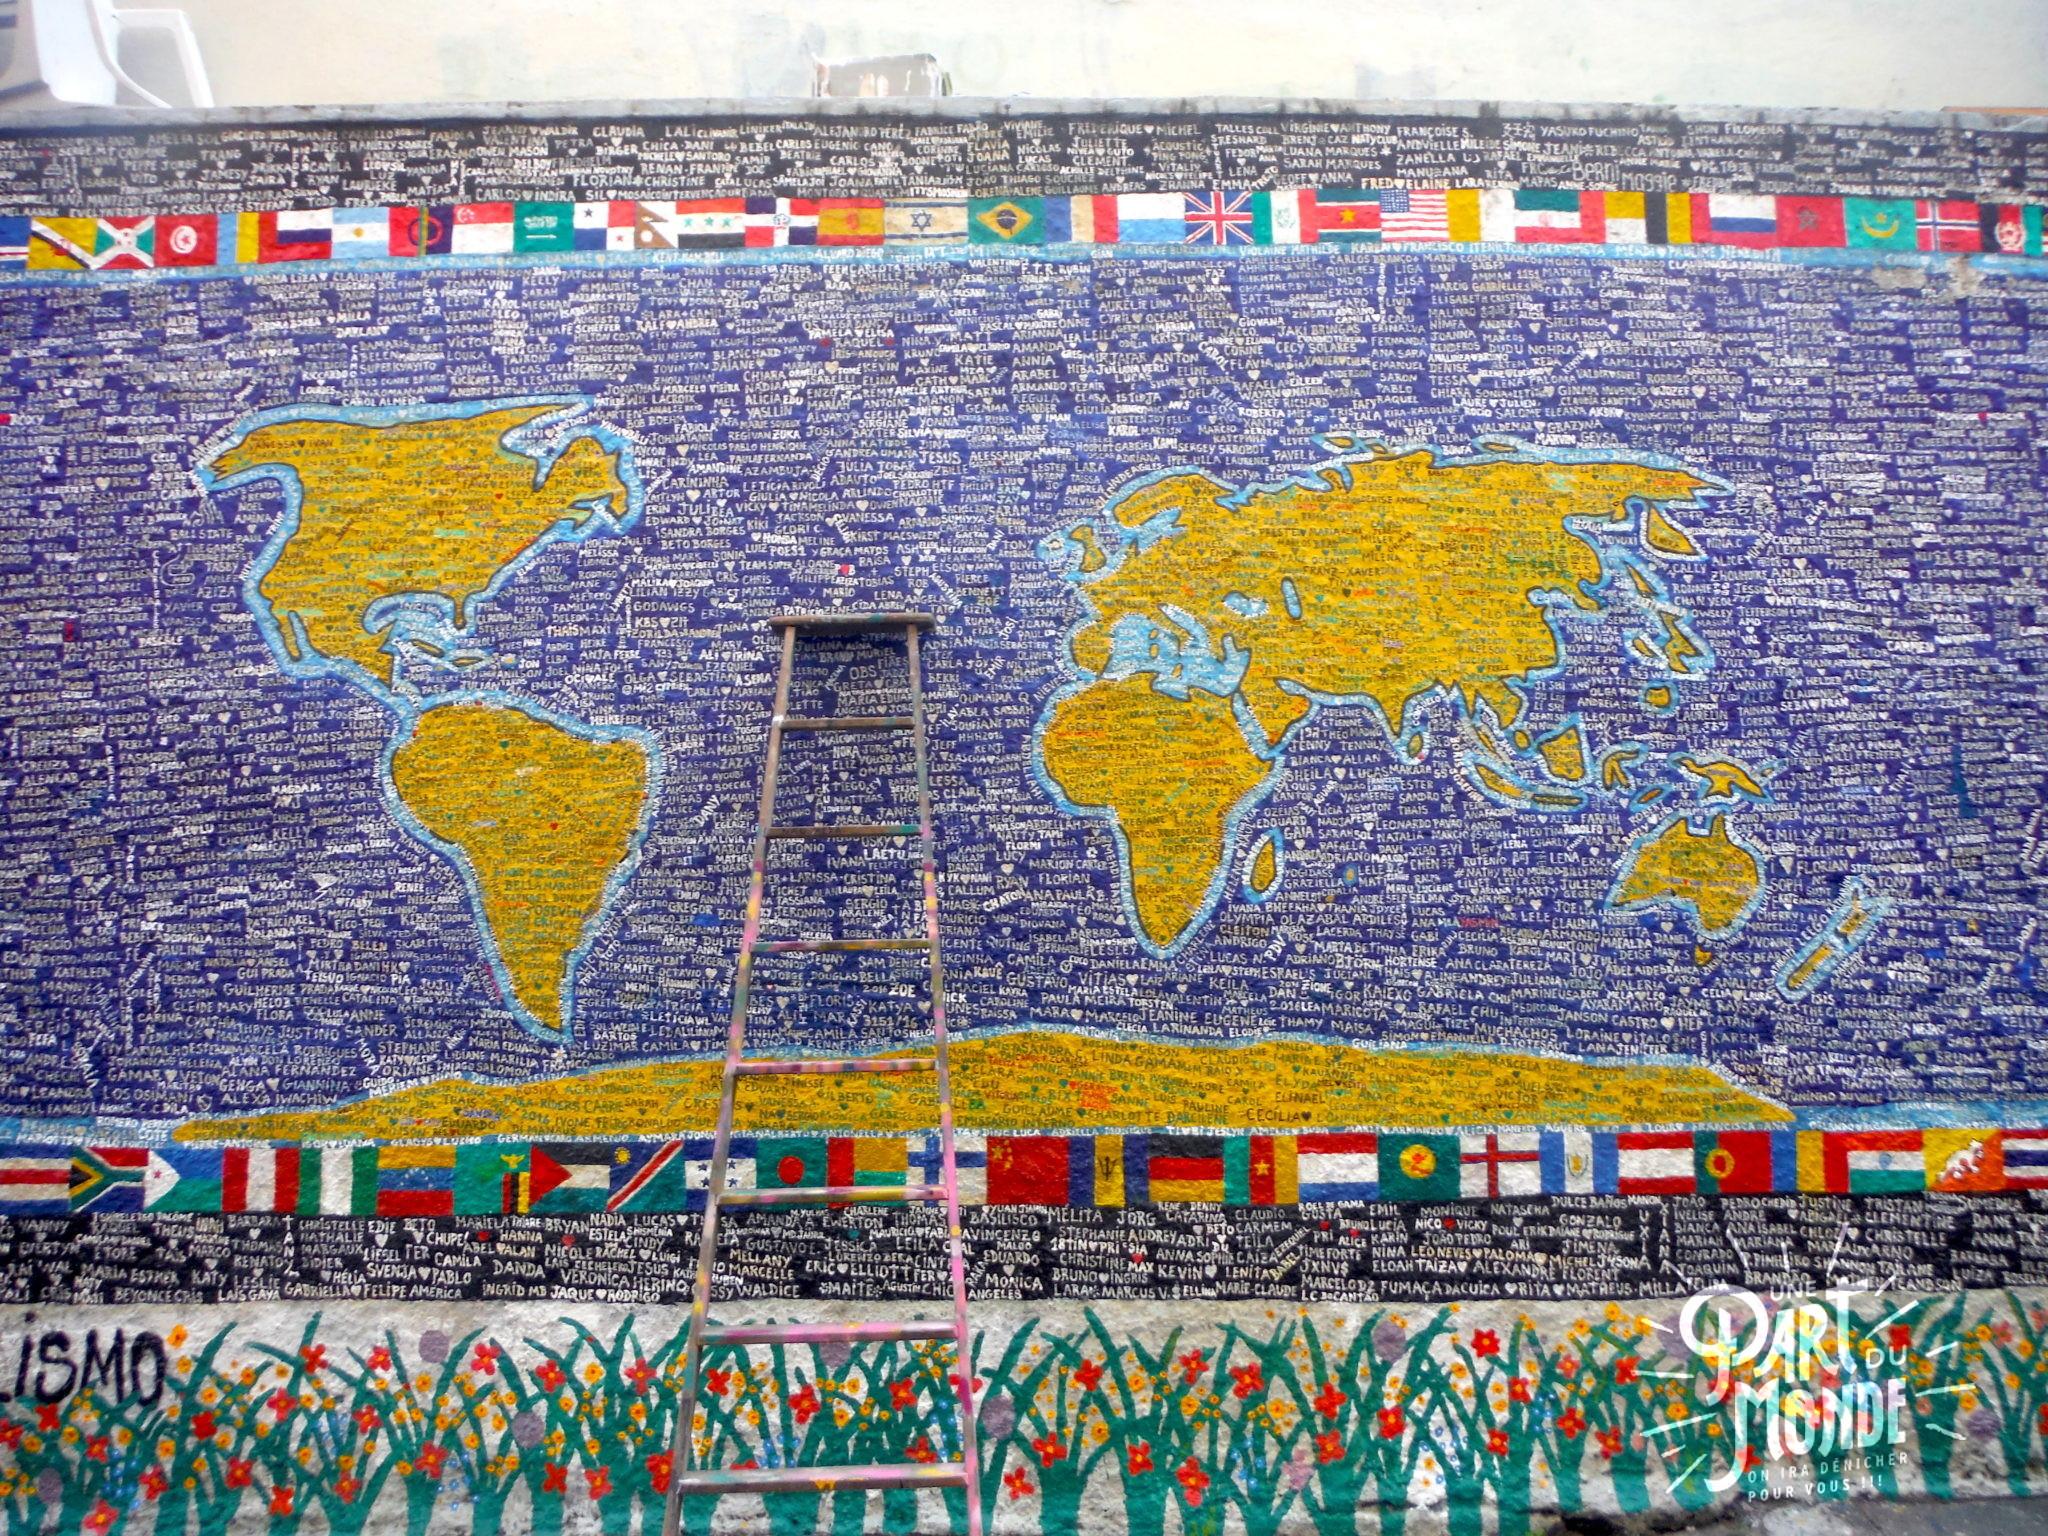 visiter rio de janeiro en 4 jours selaron world map